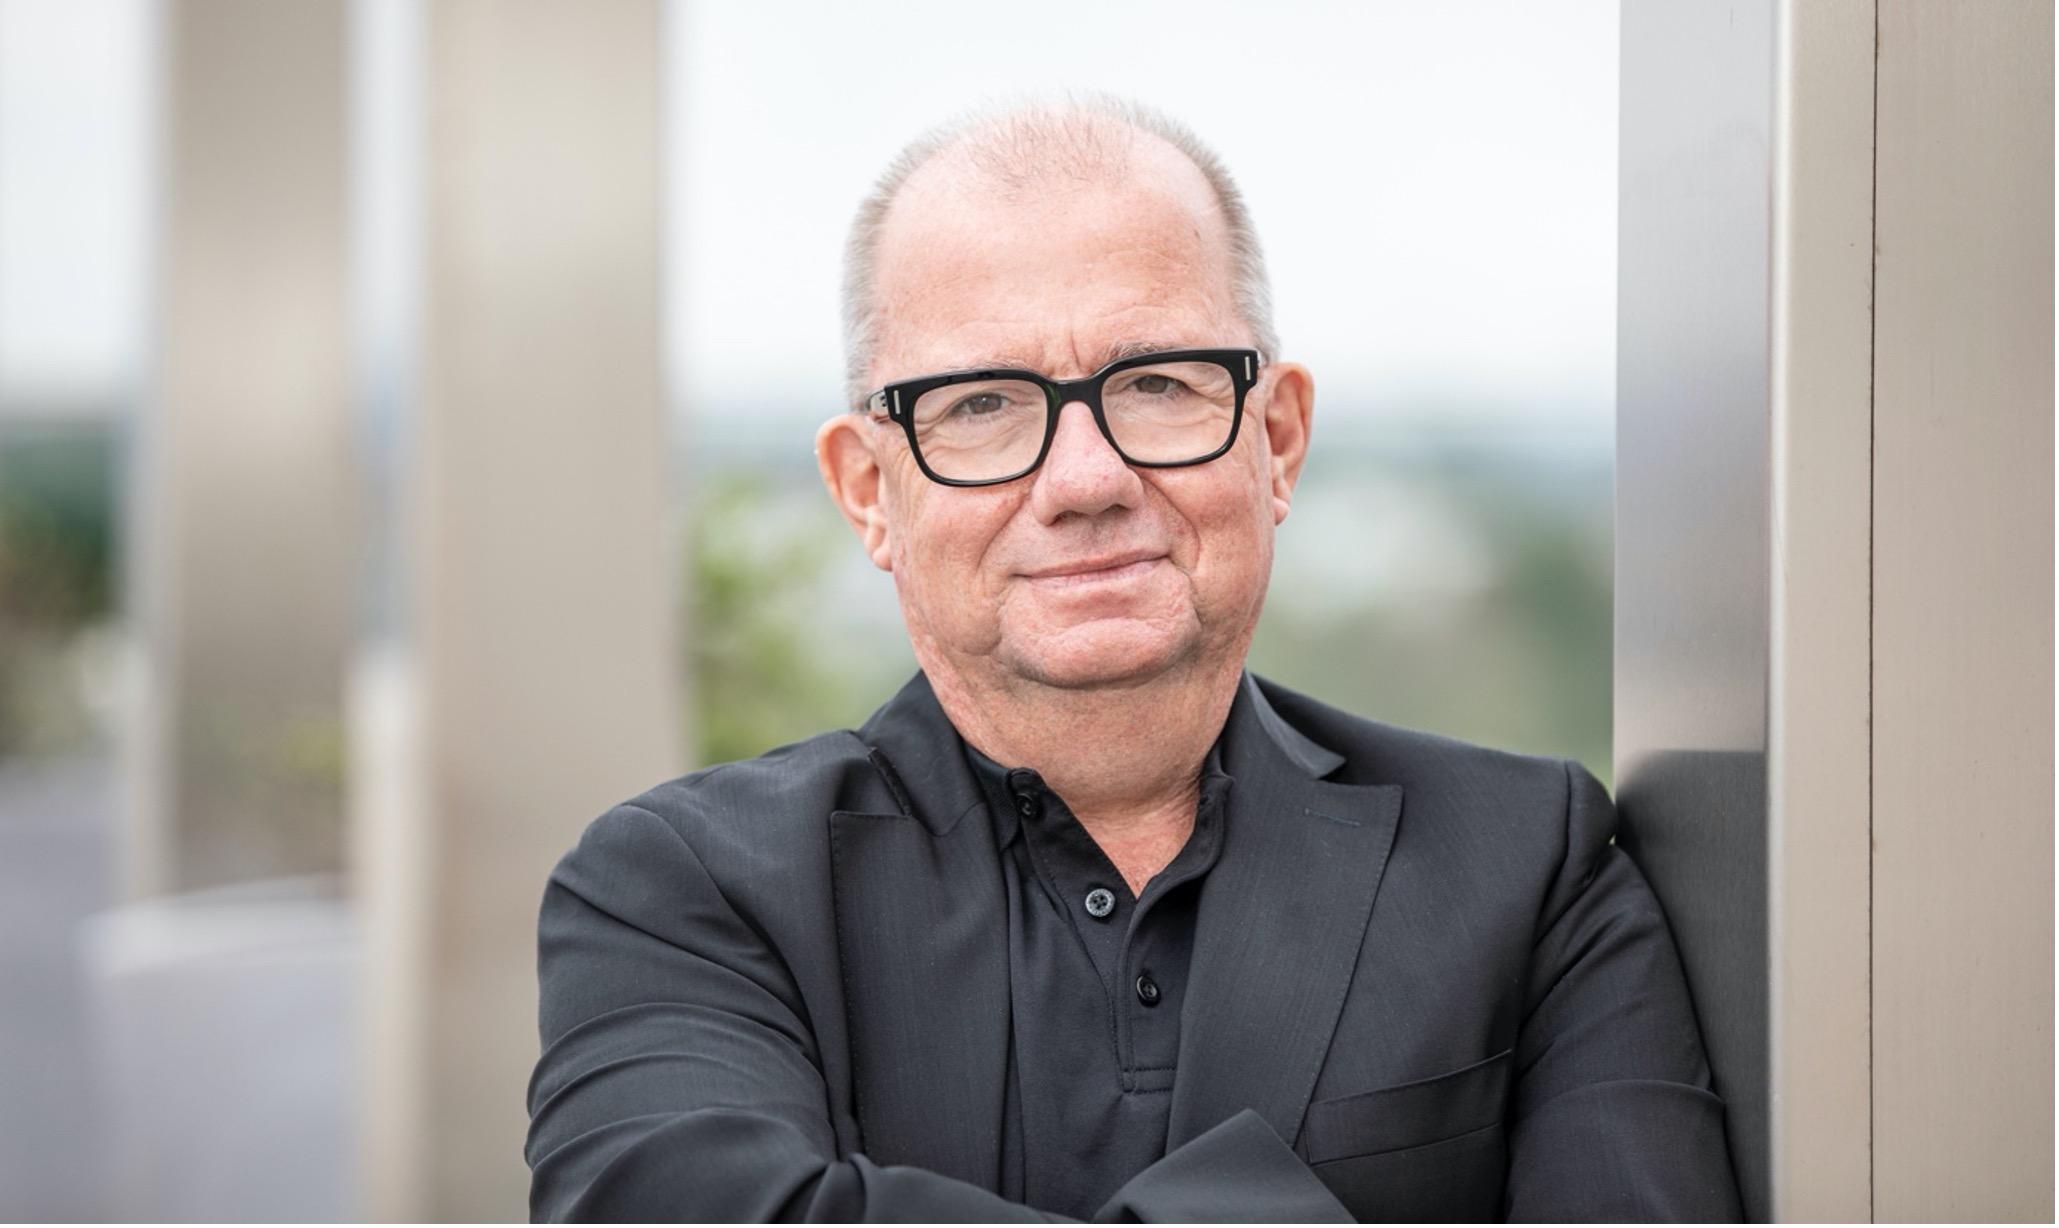 Frank Ertel über Meditation und deren Wirkung